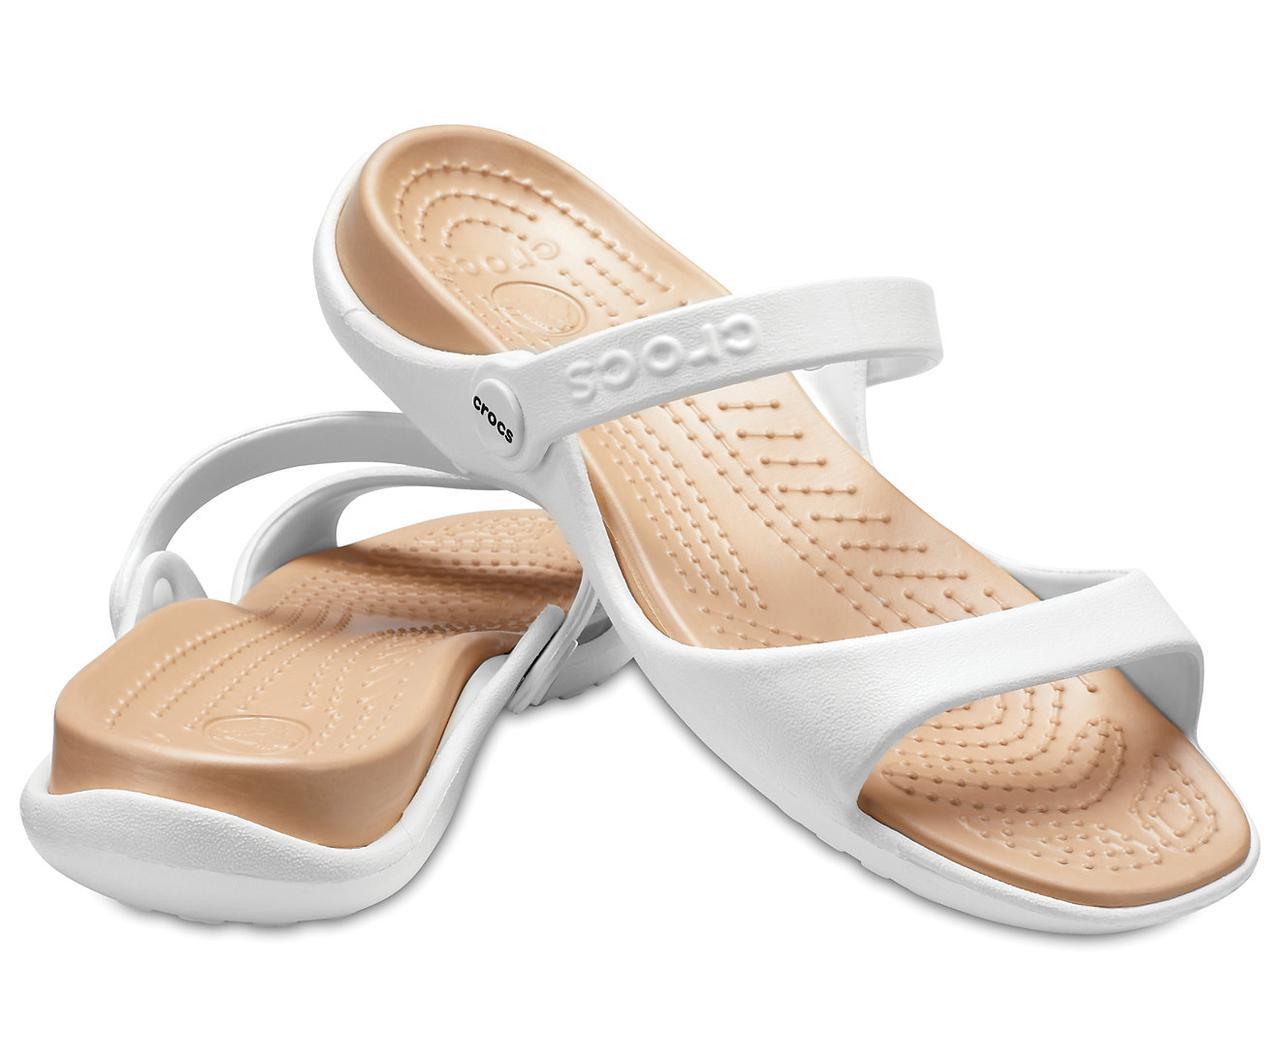 Сандалии Crocs женские белые EUR 33 34 35 37 38 39 40 42 43 US 4 5 8 9 11 Кроксы США 37-38